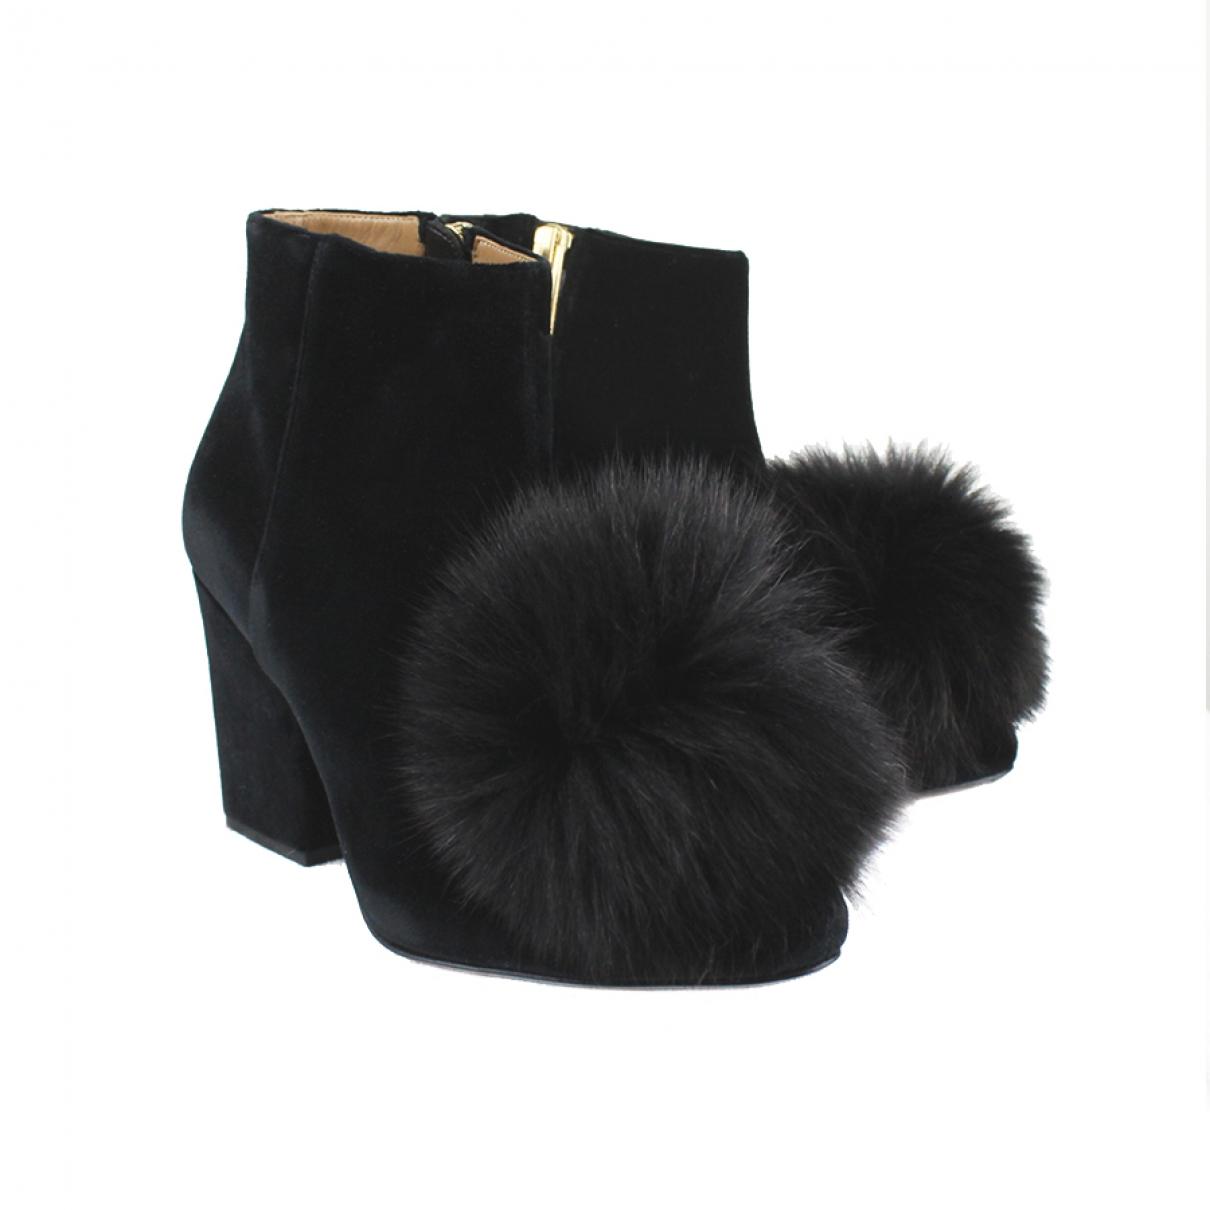 Sonia Rykiel - Boots   pour femme en velours - noir